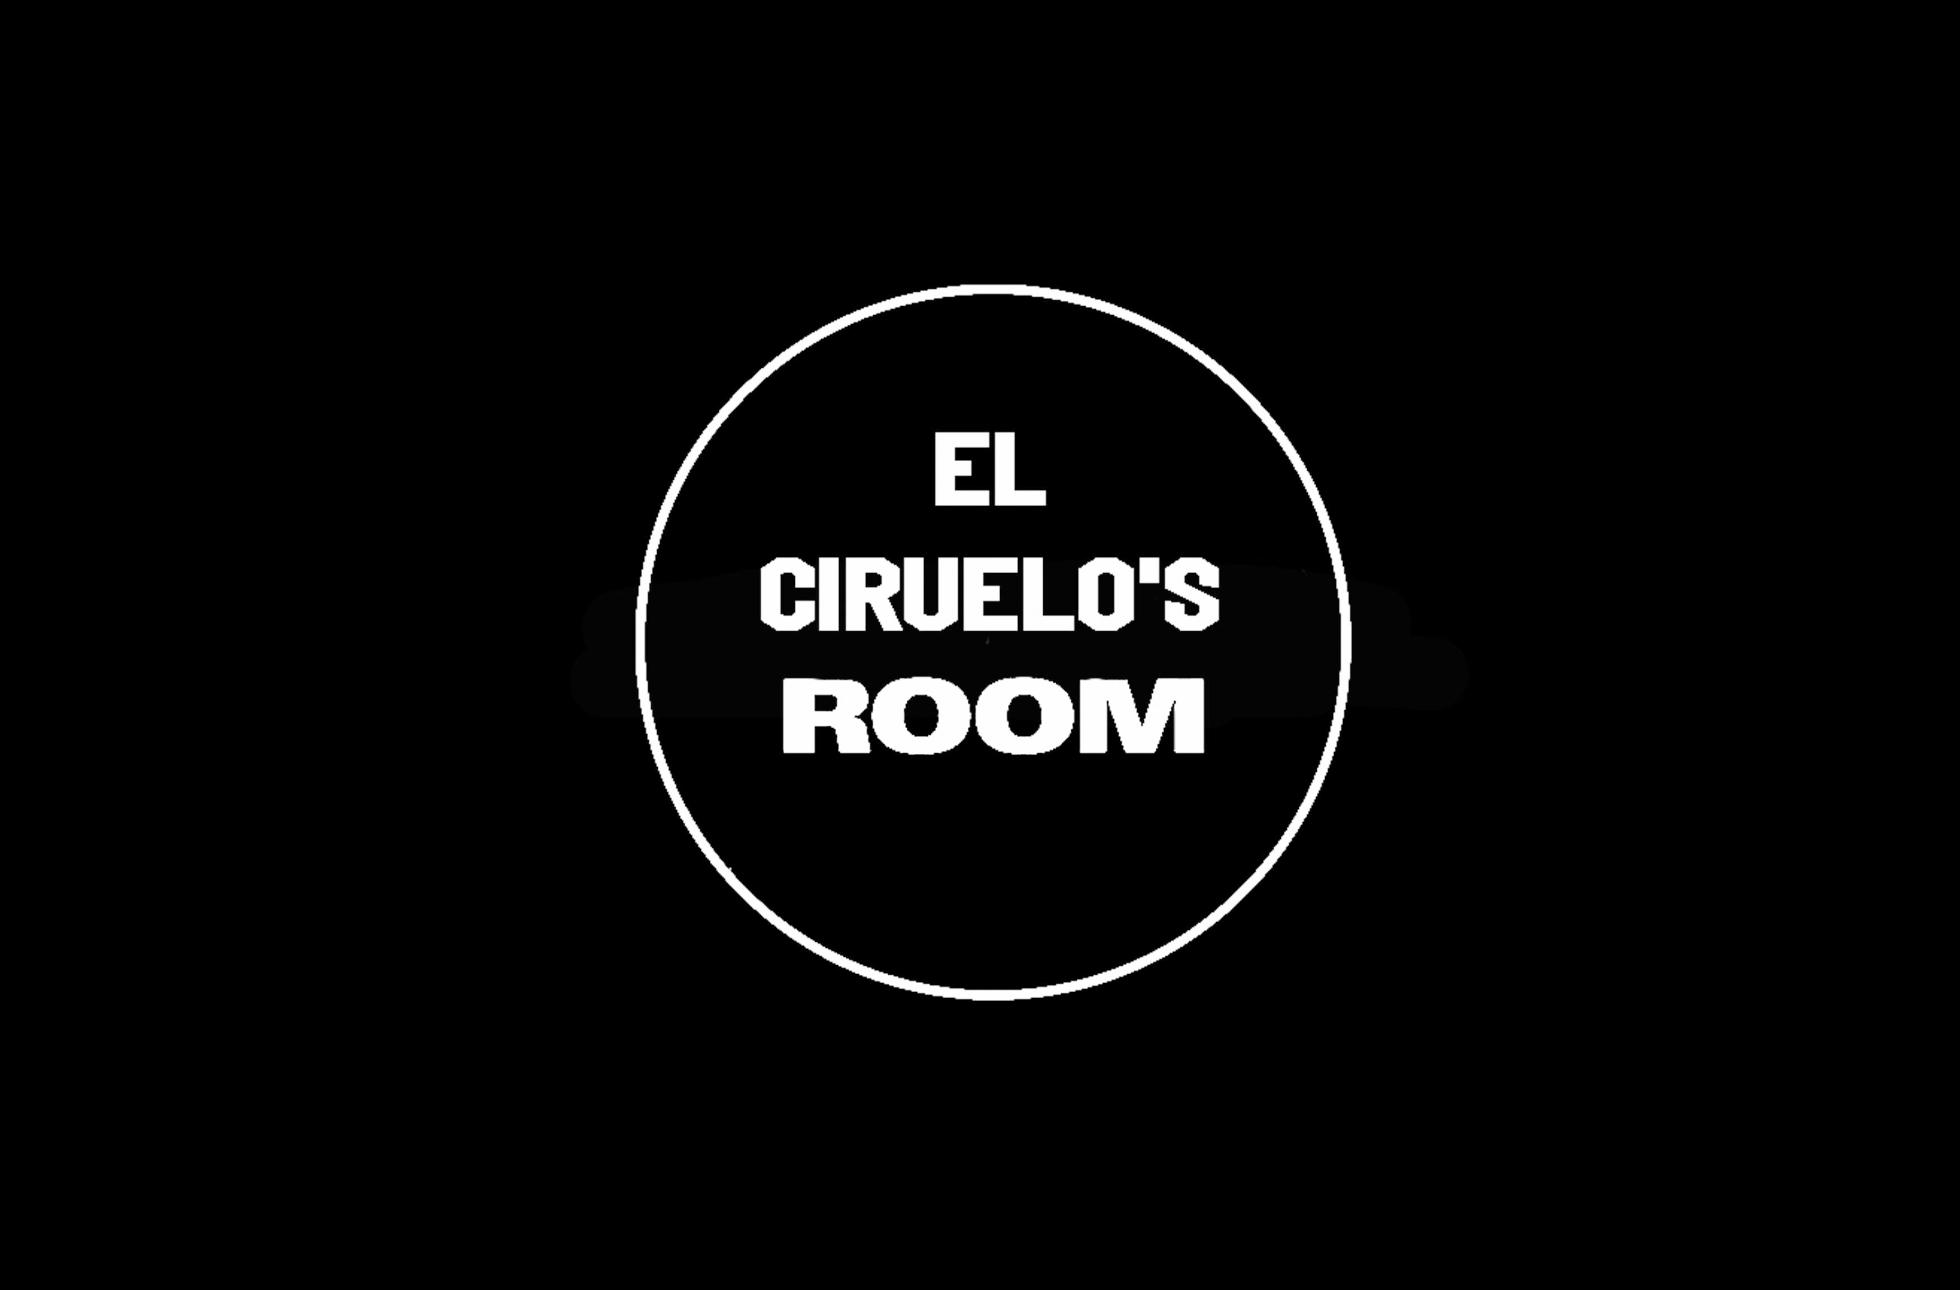 EL CIRUELO'S ROOM